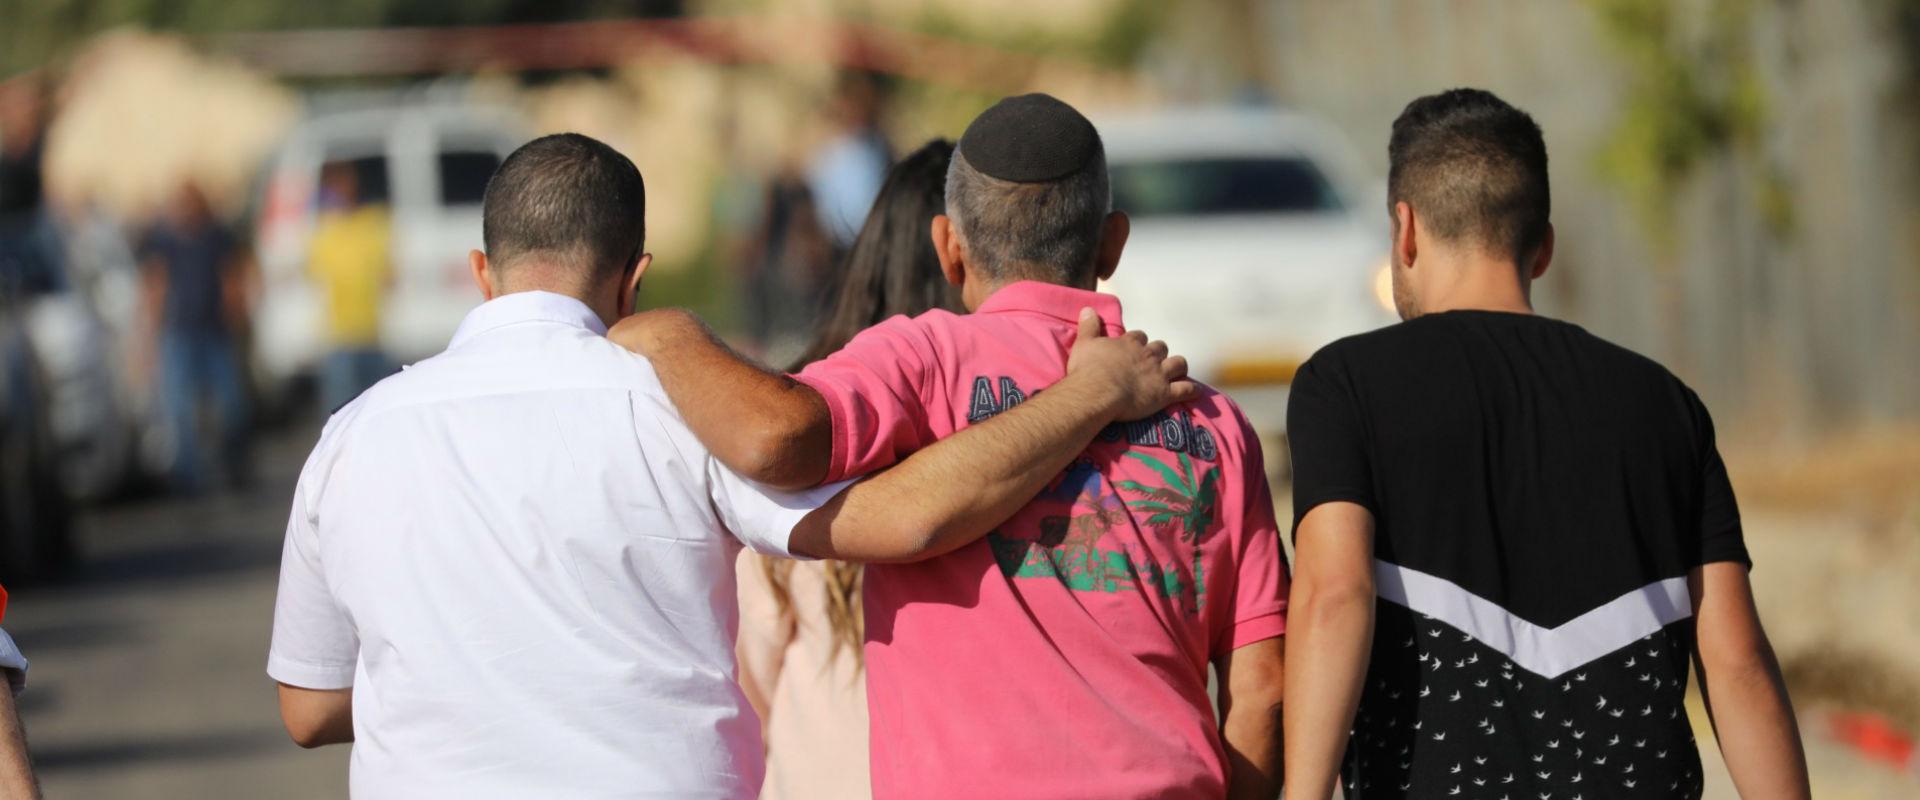 תושבי הר אדר לאחר הפיגוע